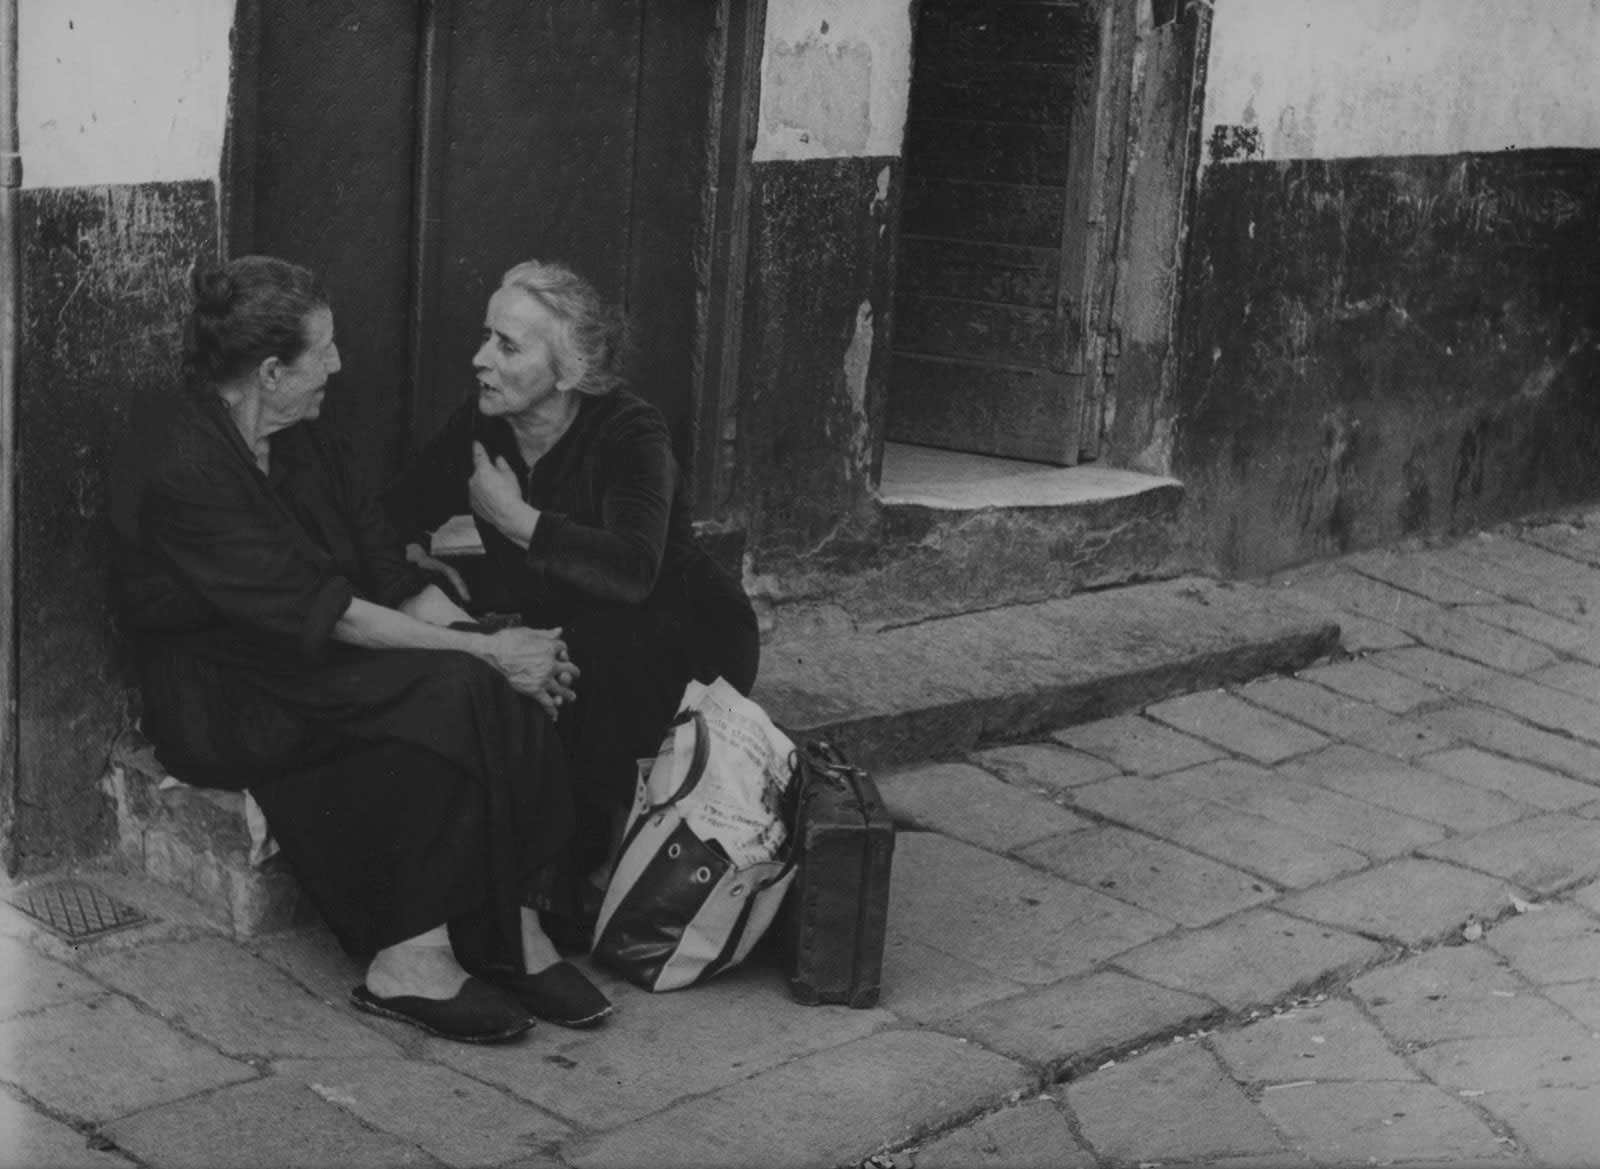 Sabine Weiss, Sienne, Italie, 1953